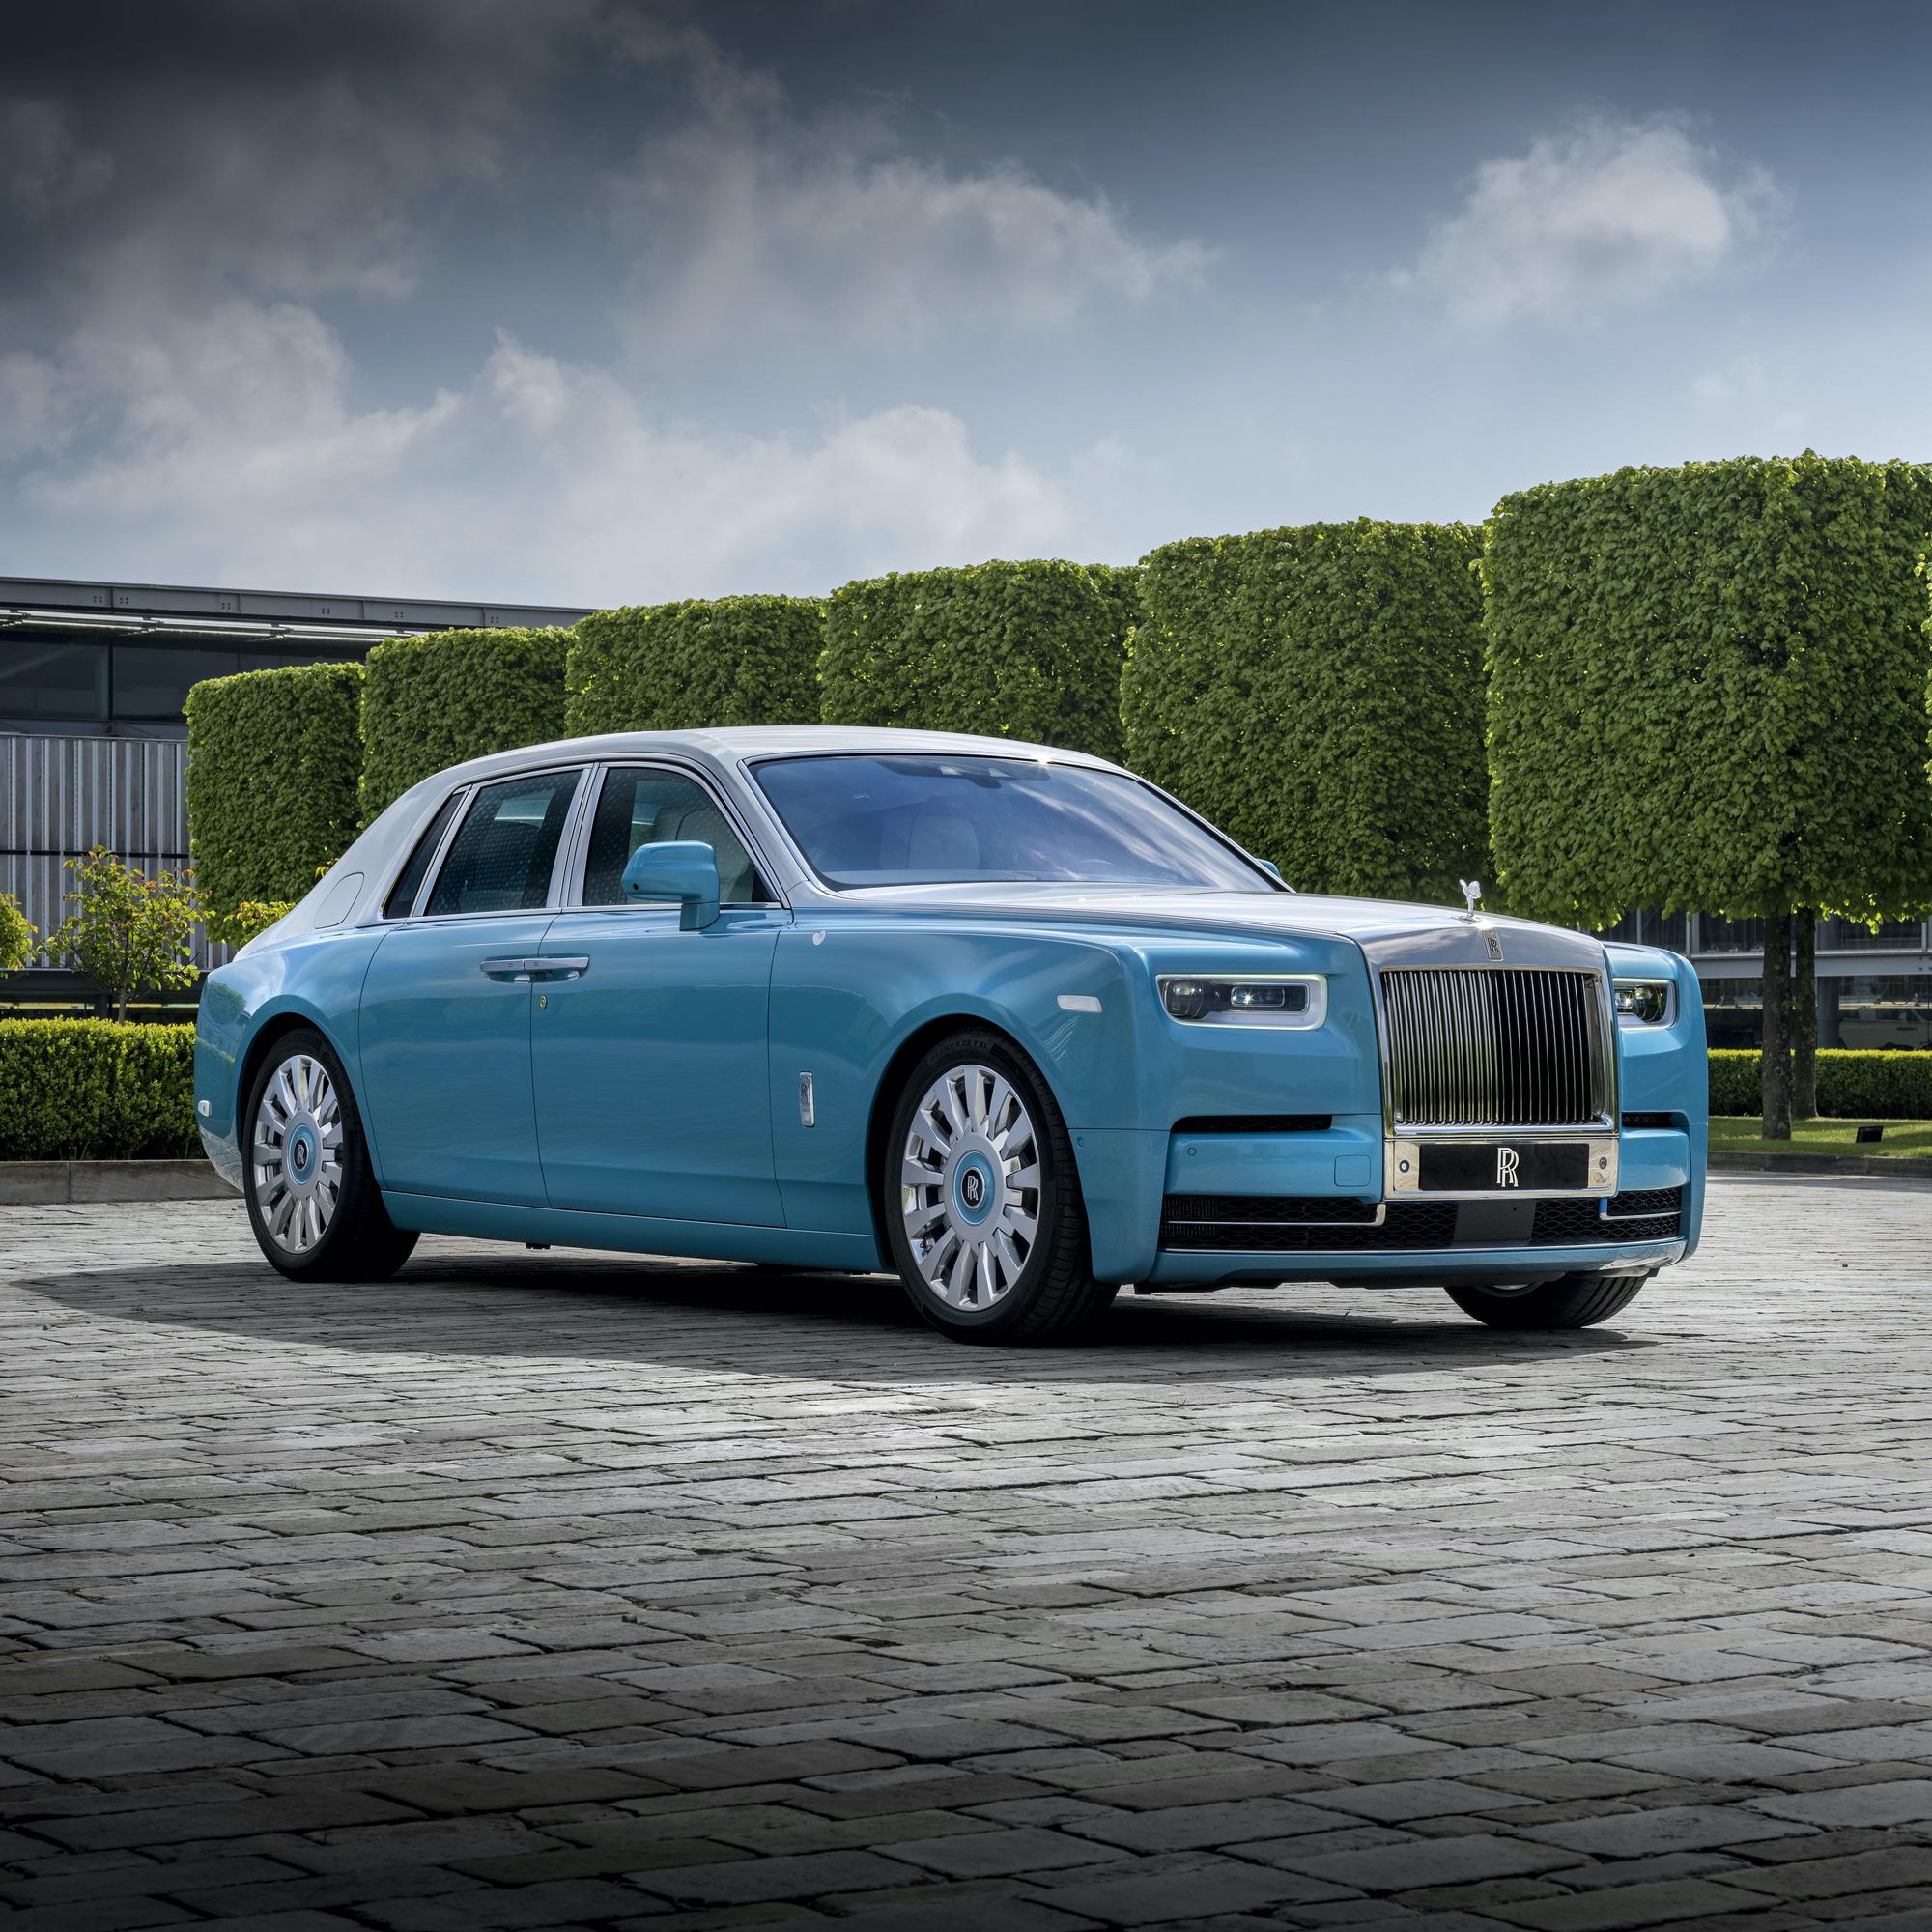 Đây là những lý do làm nên mức giá đắt có 1-0-2 cho xe Rolls-Royce nhưng đại gia nào cũng sẵn sàng rút ví một cách hào phóng nhất - Ảnh 2.